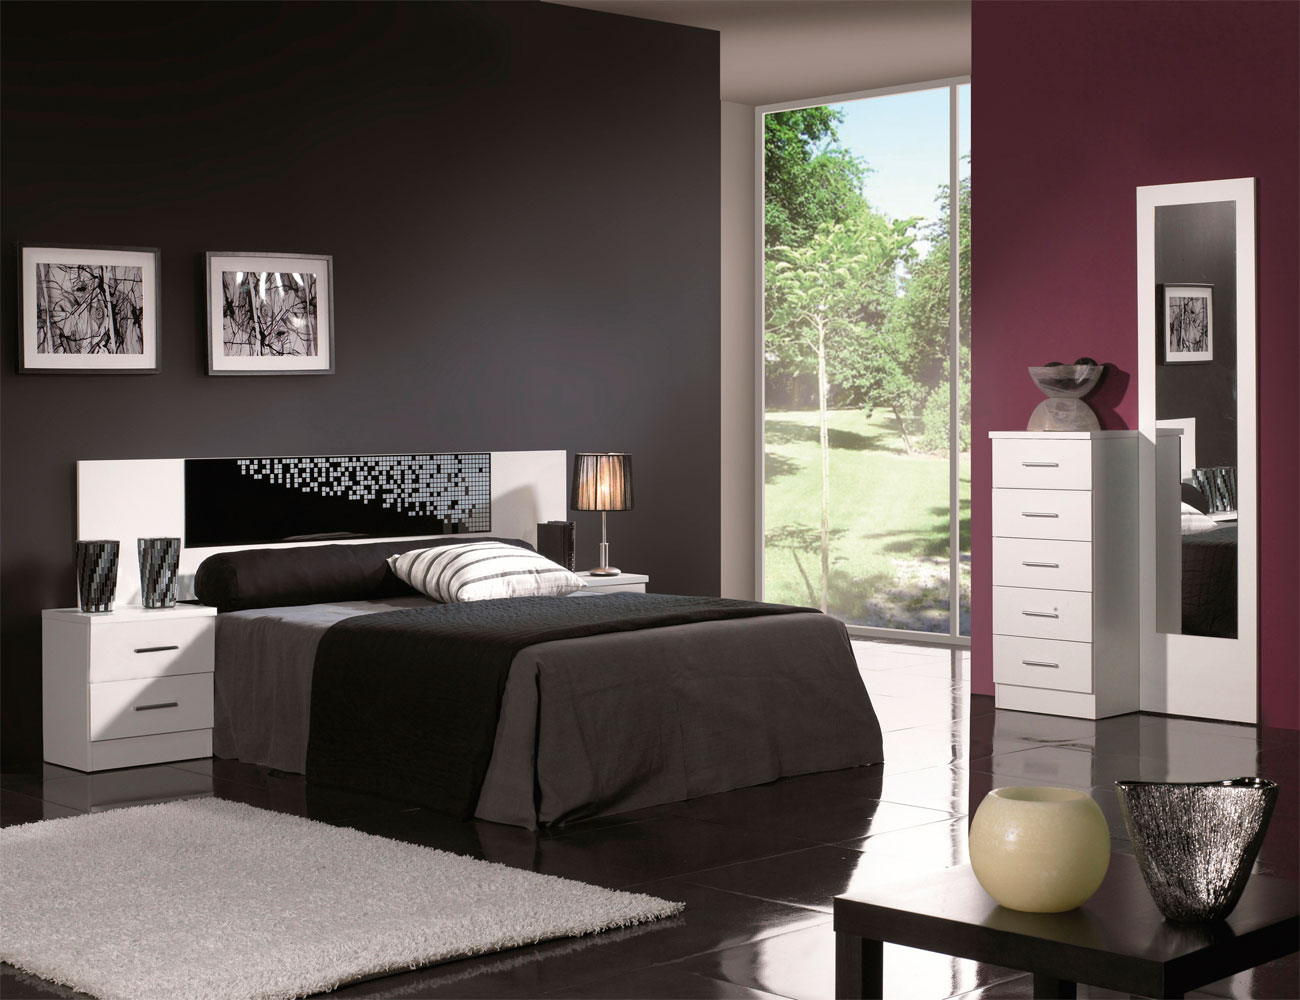 Dormitorio matrimonio estilo moderno tibet blanco negro